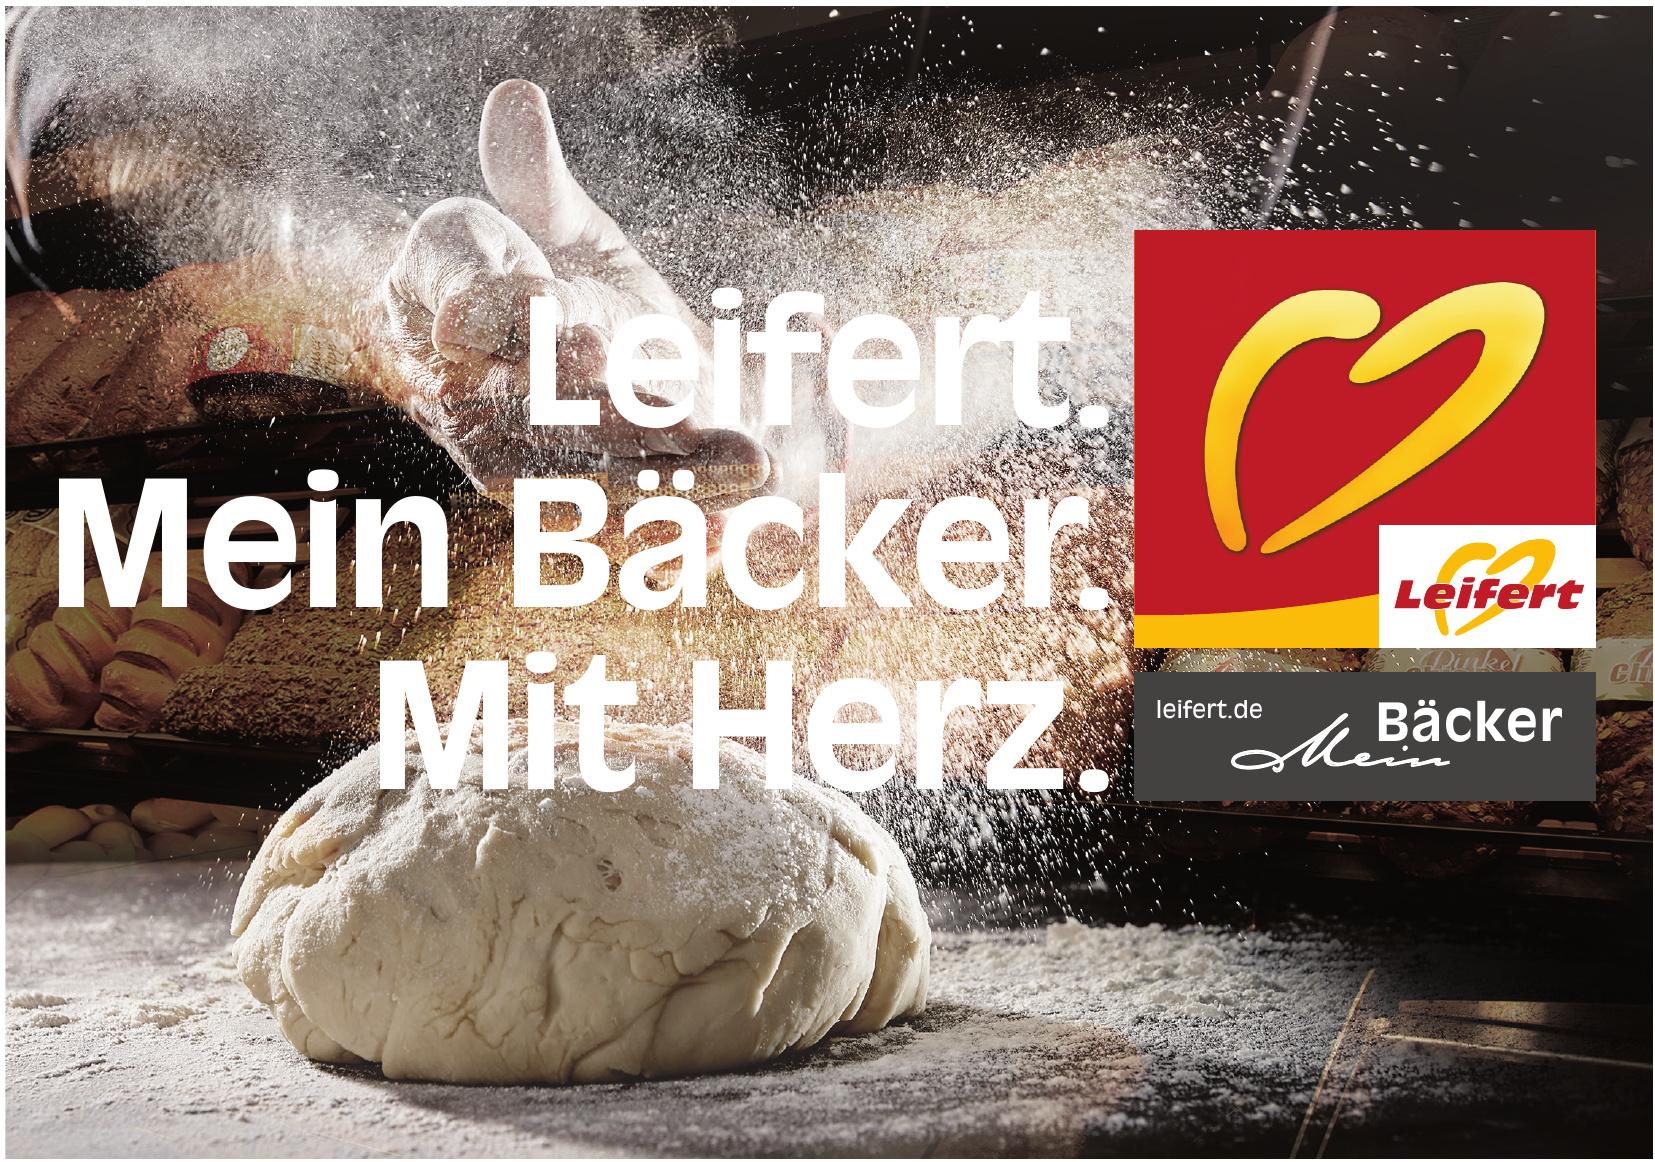 Bäckerei Leifert GmbH